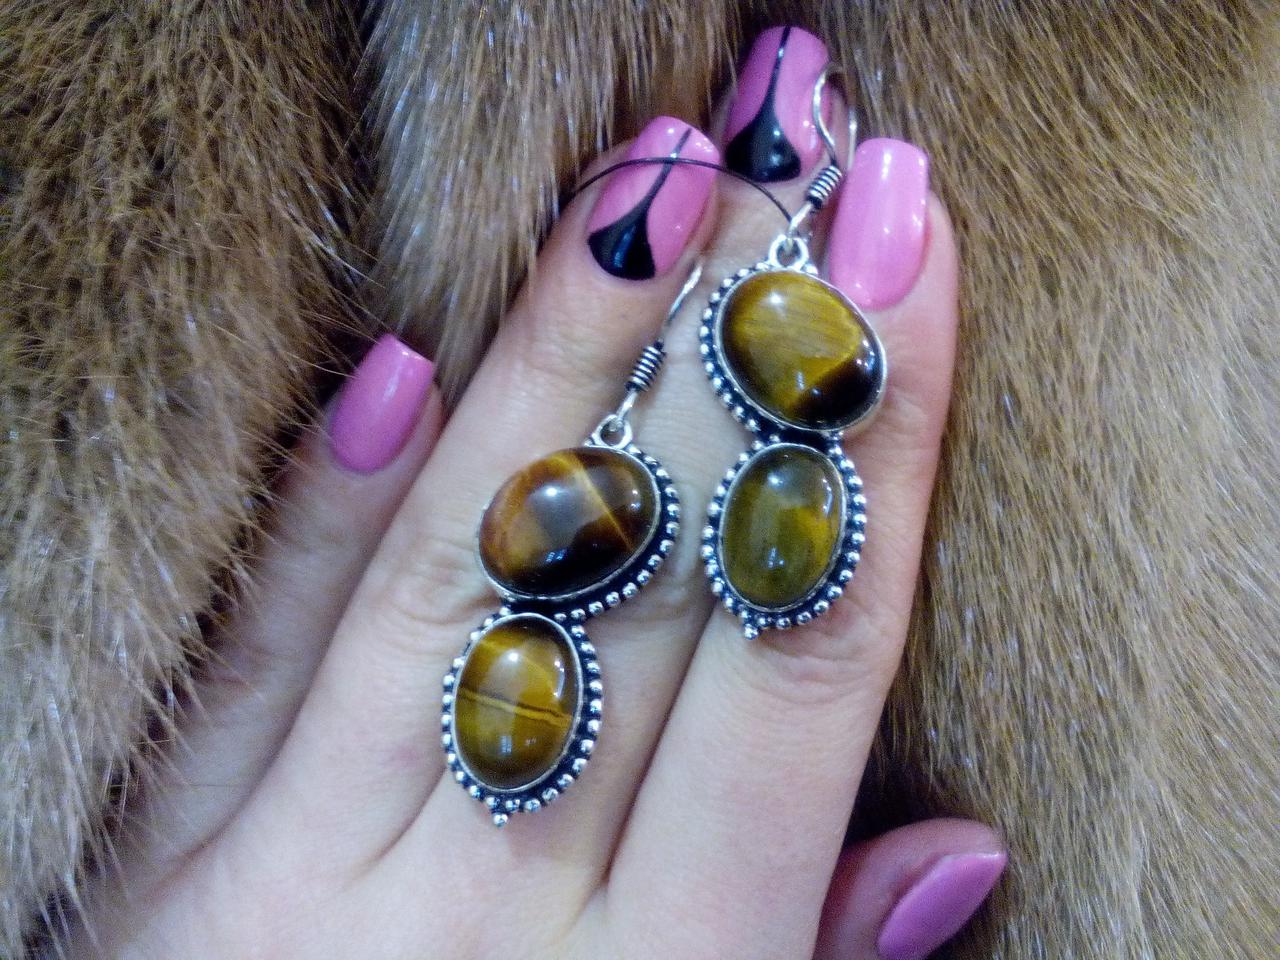 Серьги с тигровым глазом. Красивые серьги с камнем тигровый глаз в серебре.